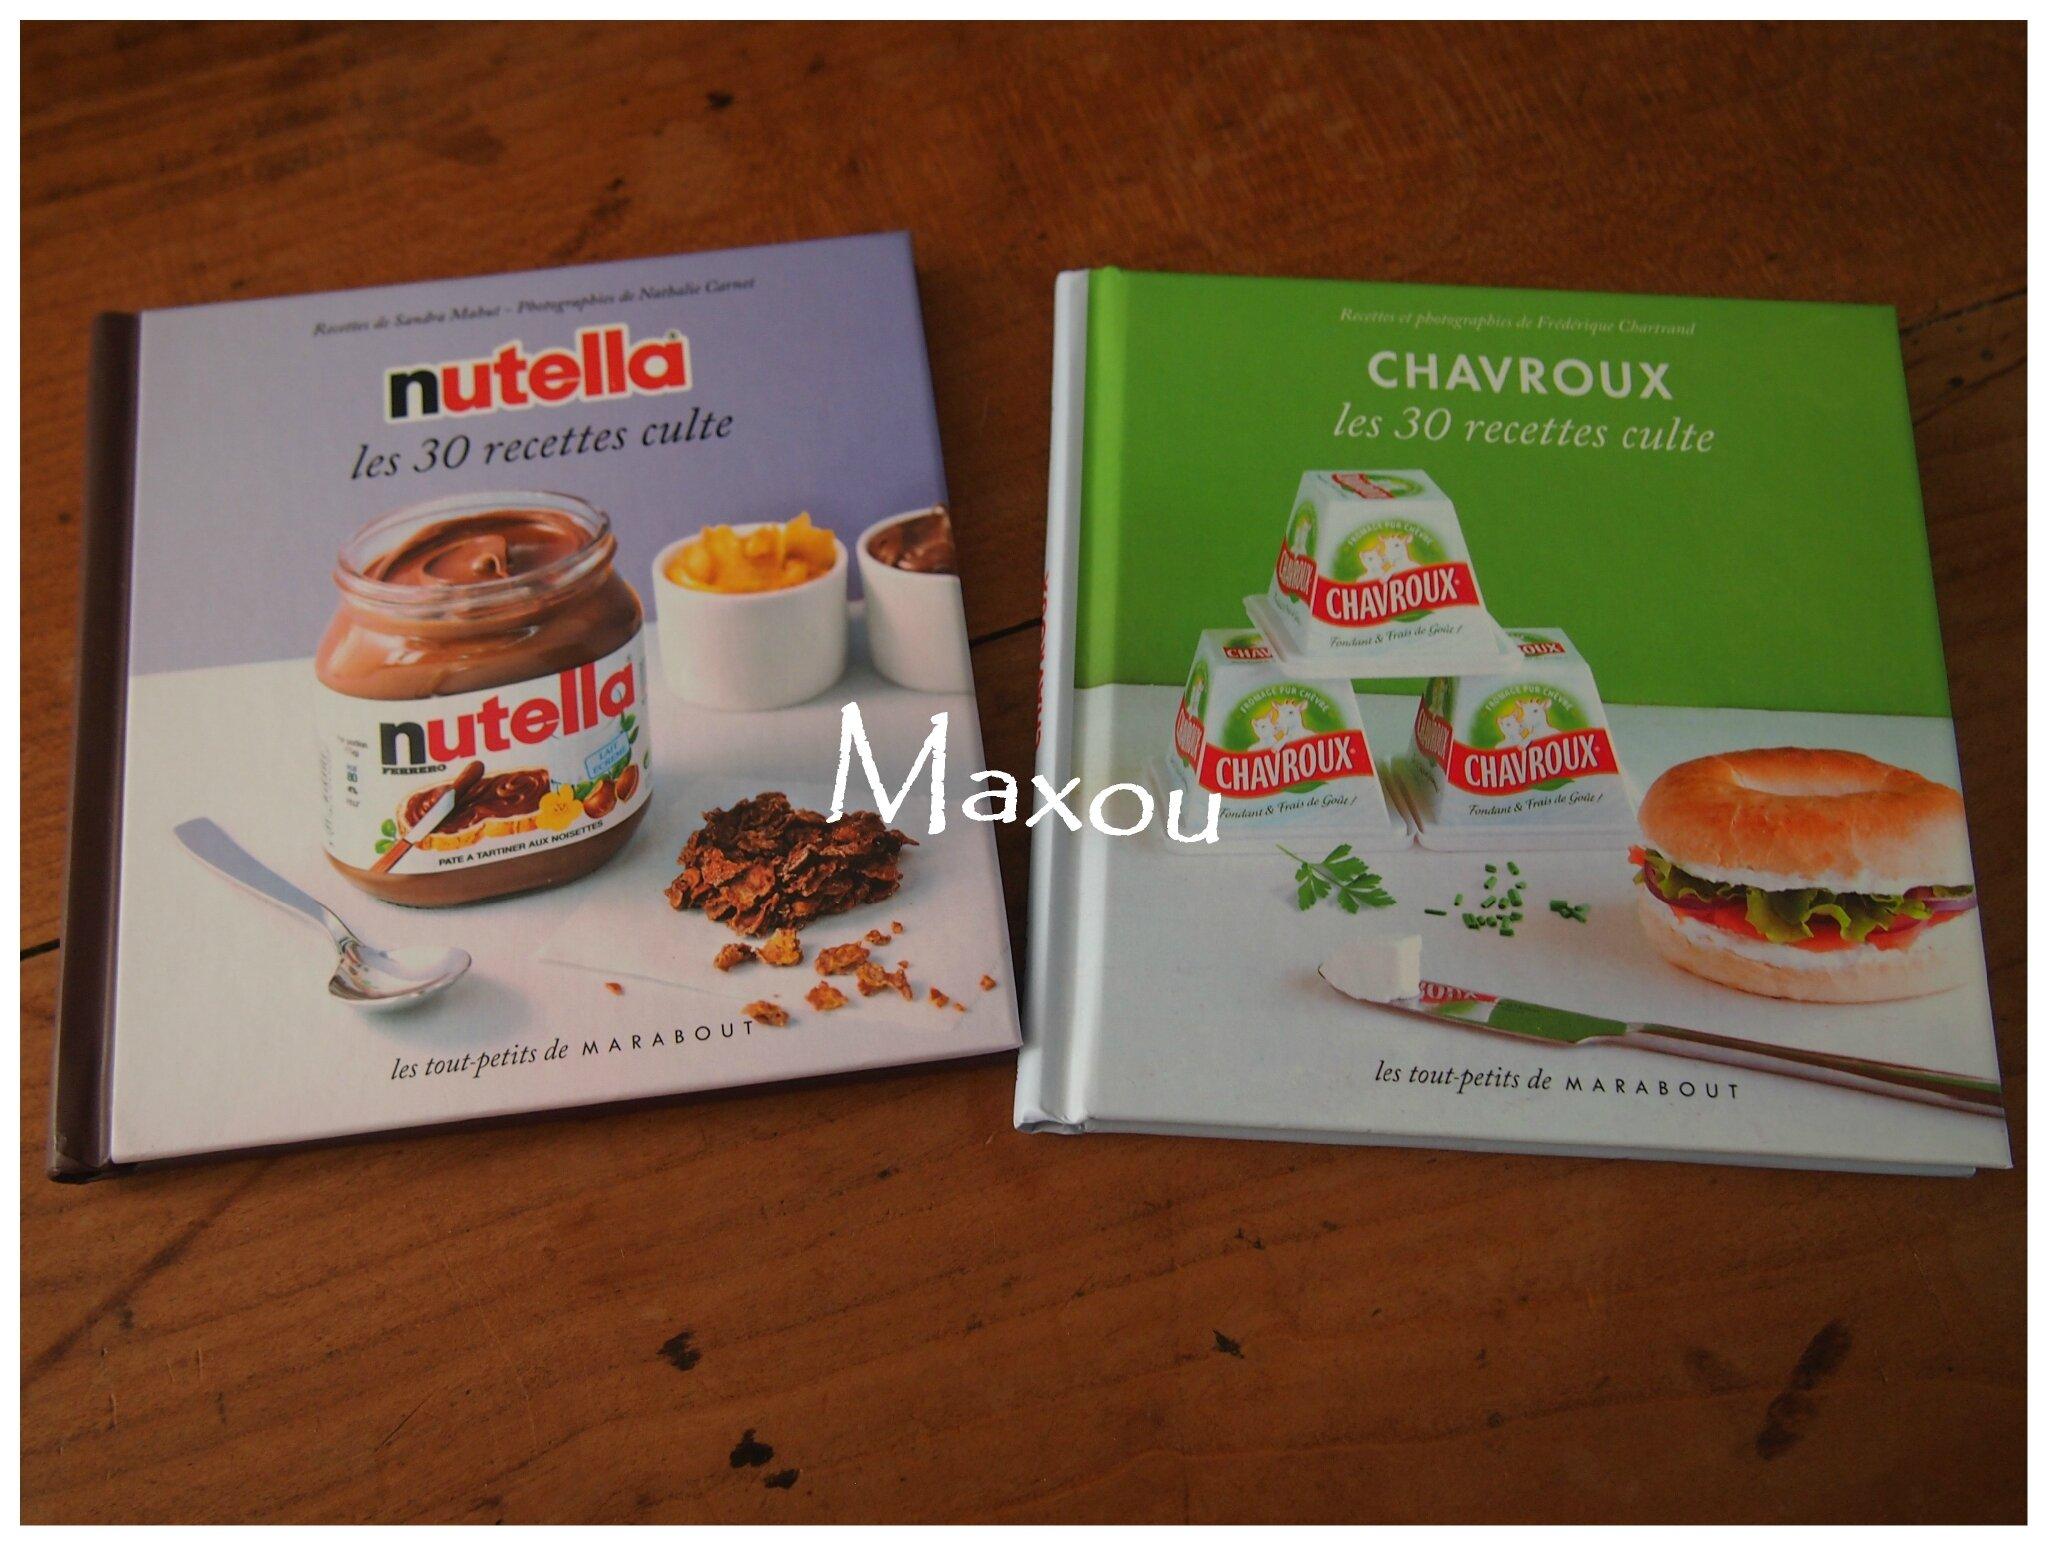 offert par Maxou